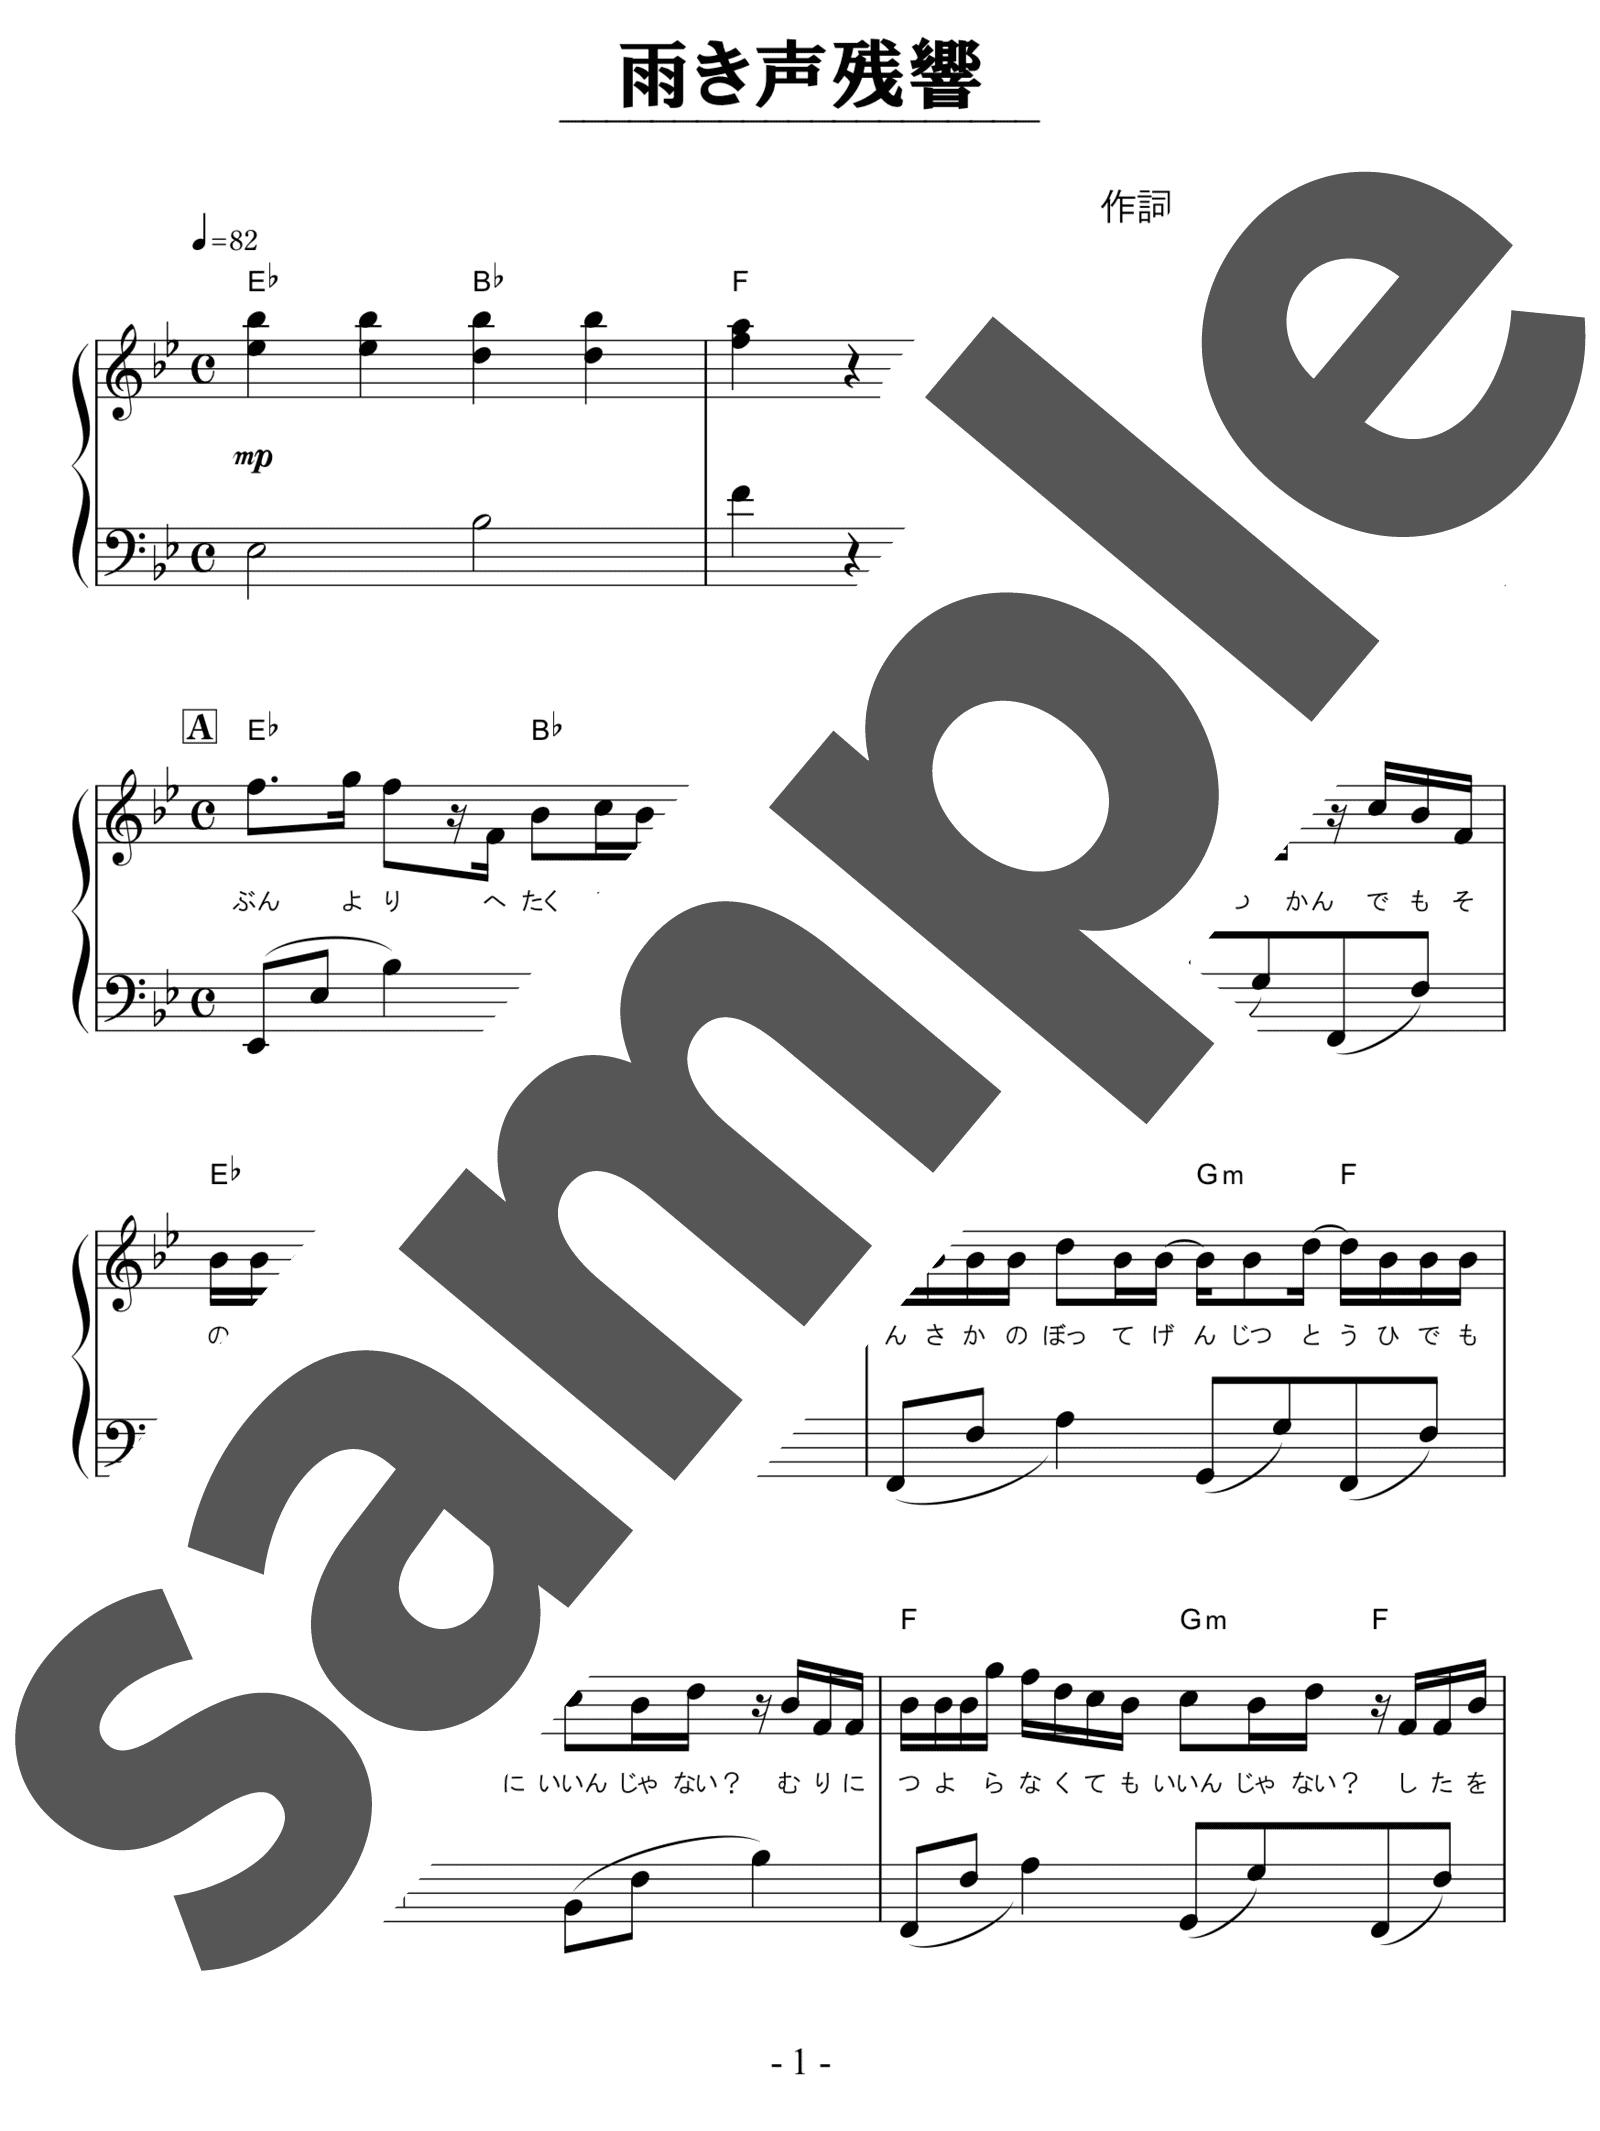 「雨き声残響」のサンプル楽譜